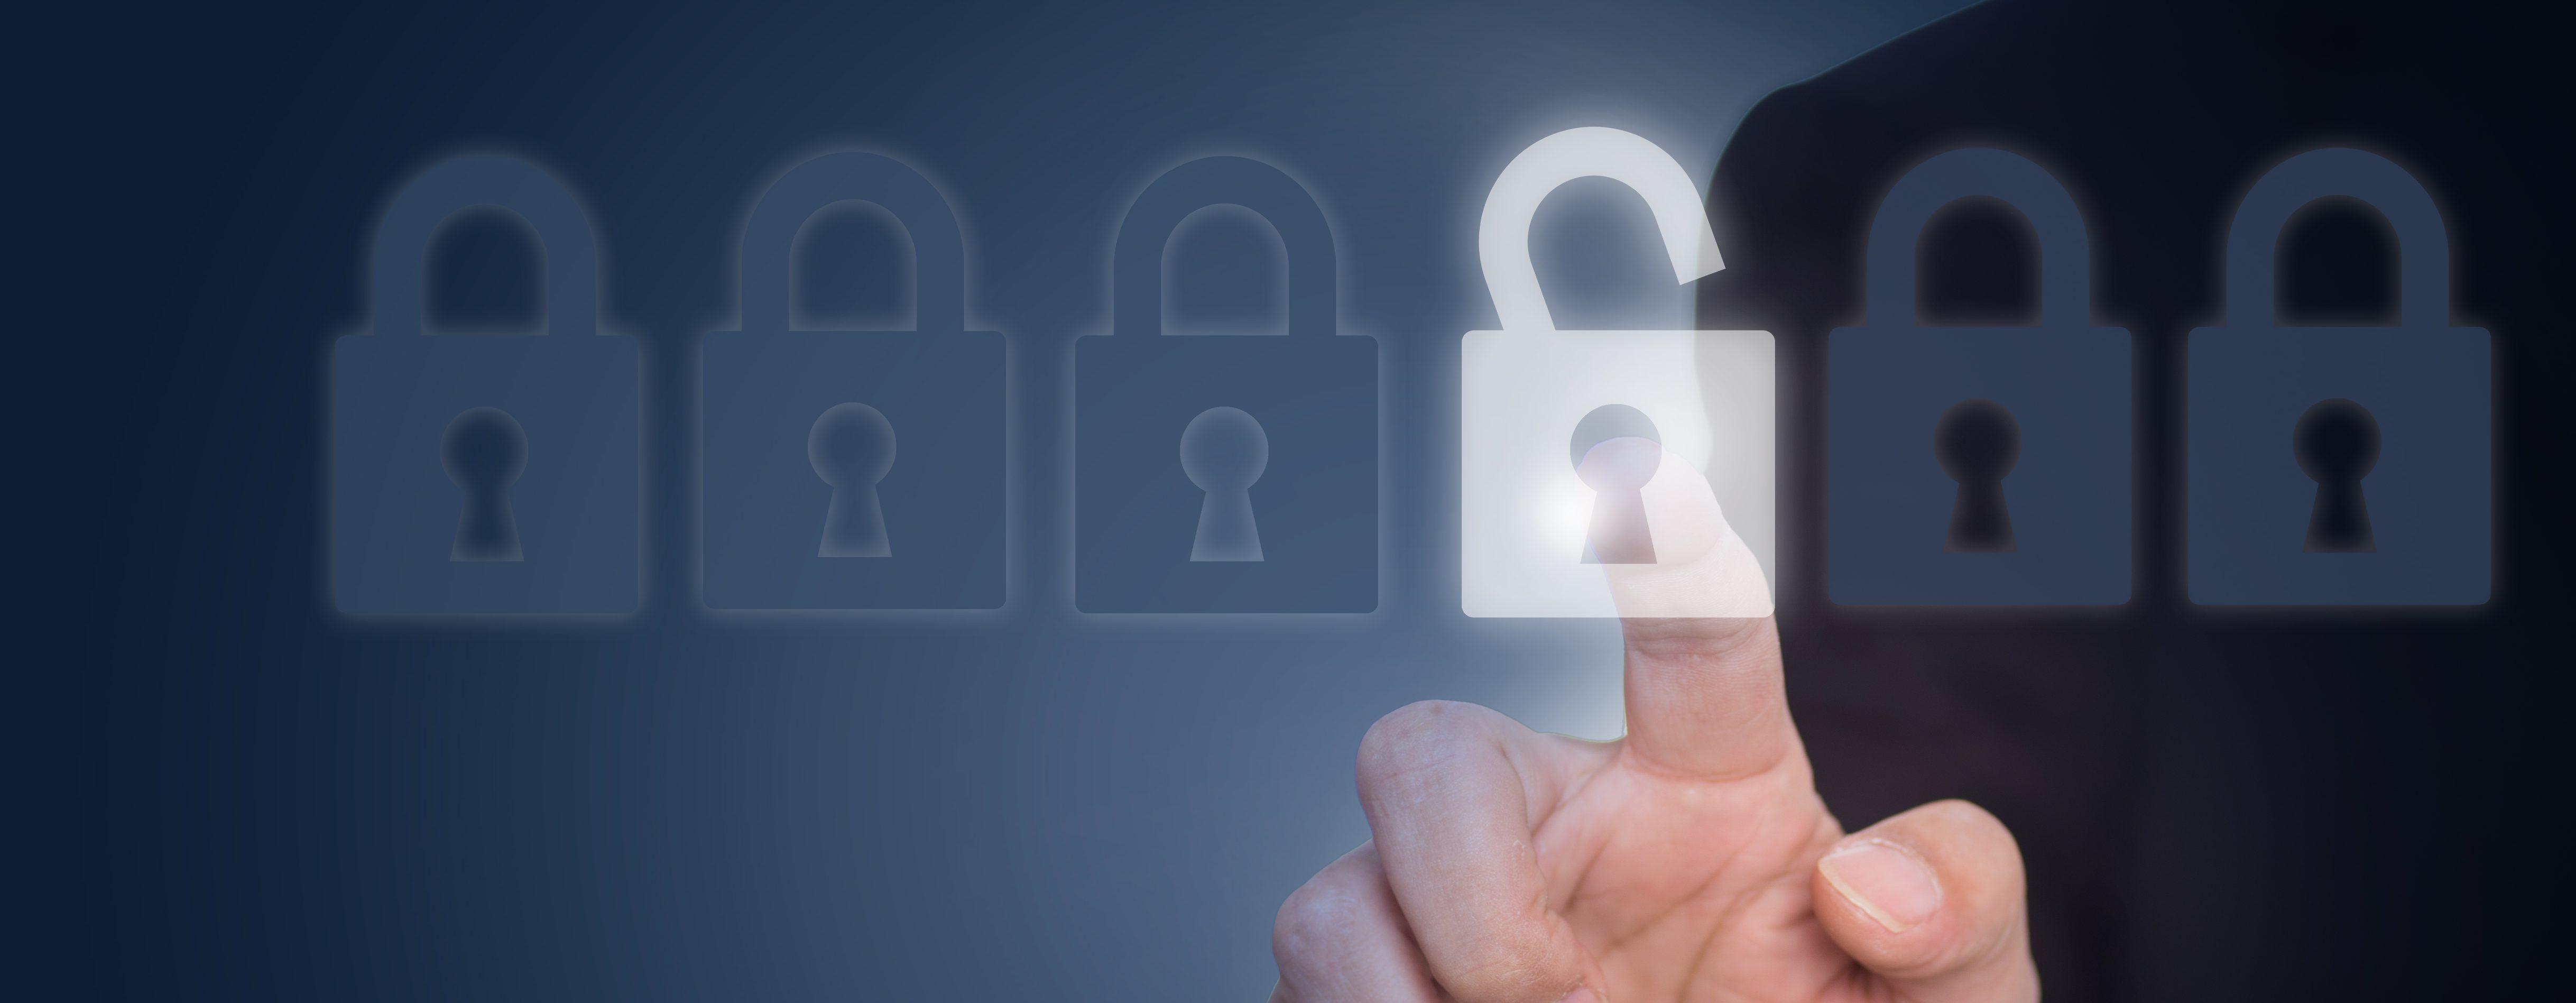 sicurezza aziendale informatica techello imola